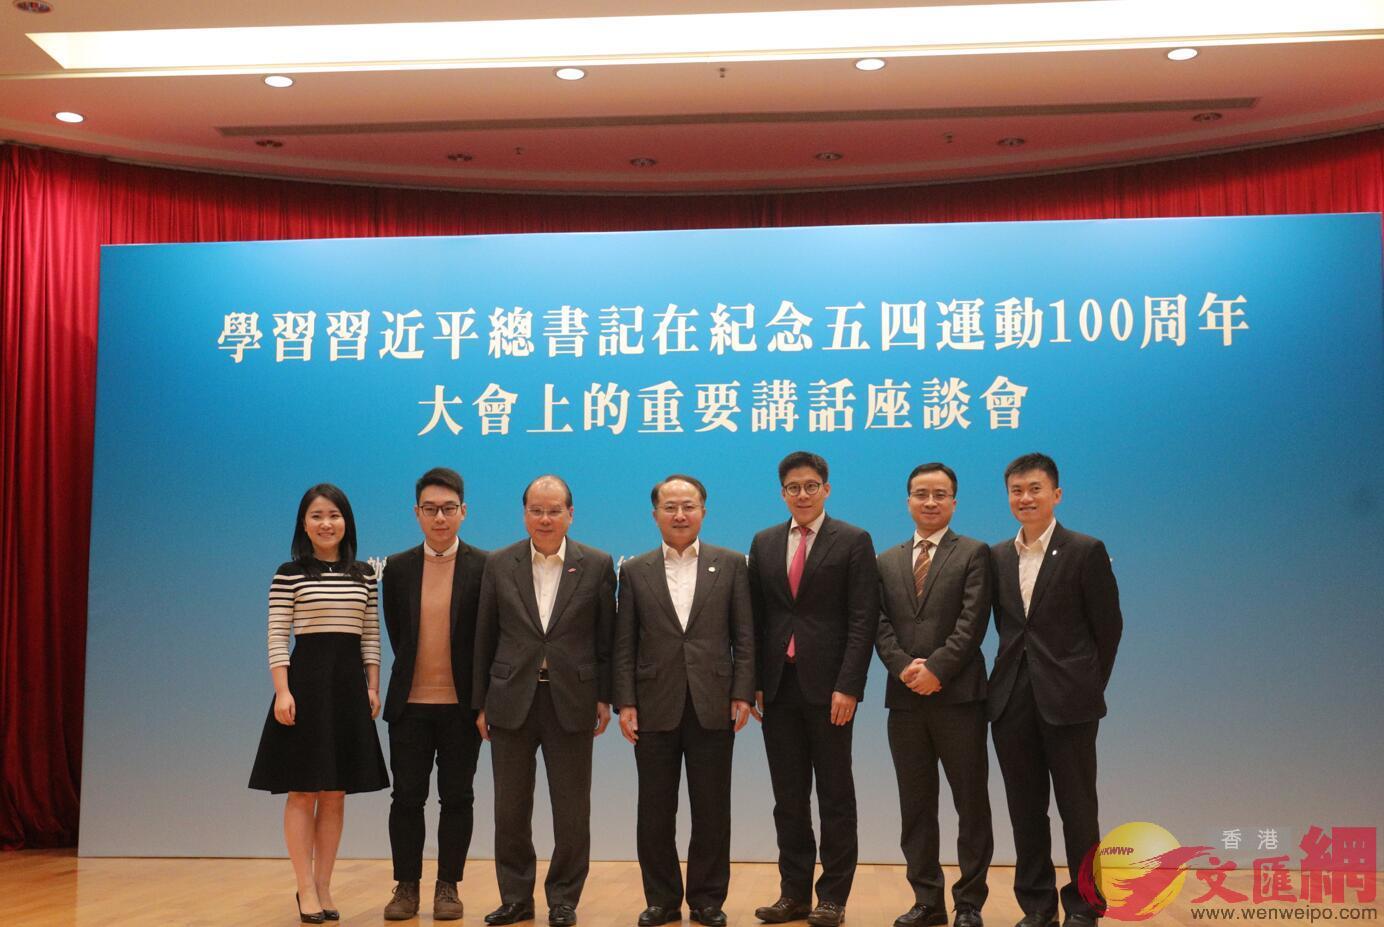 香港中聯辦主任王志民、香港政務司司長張建宗與5位香港青年代表合影